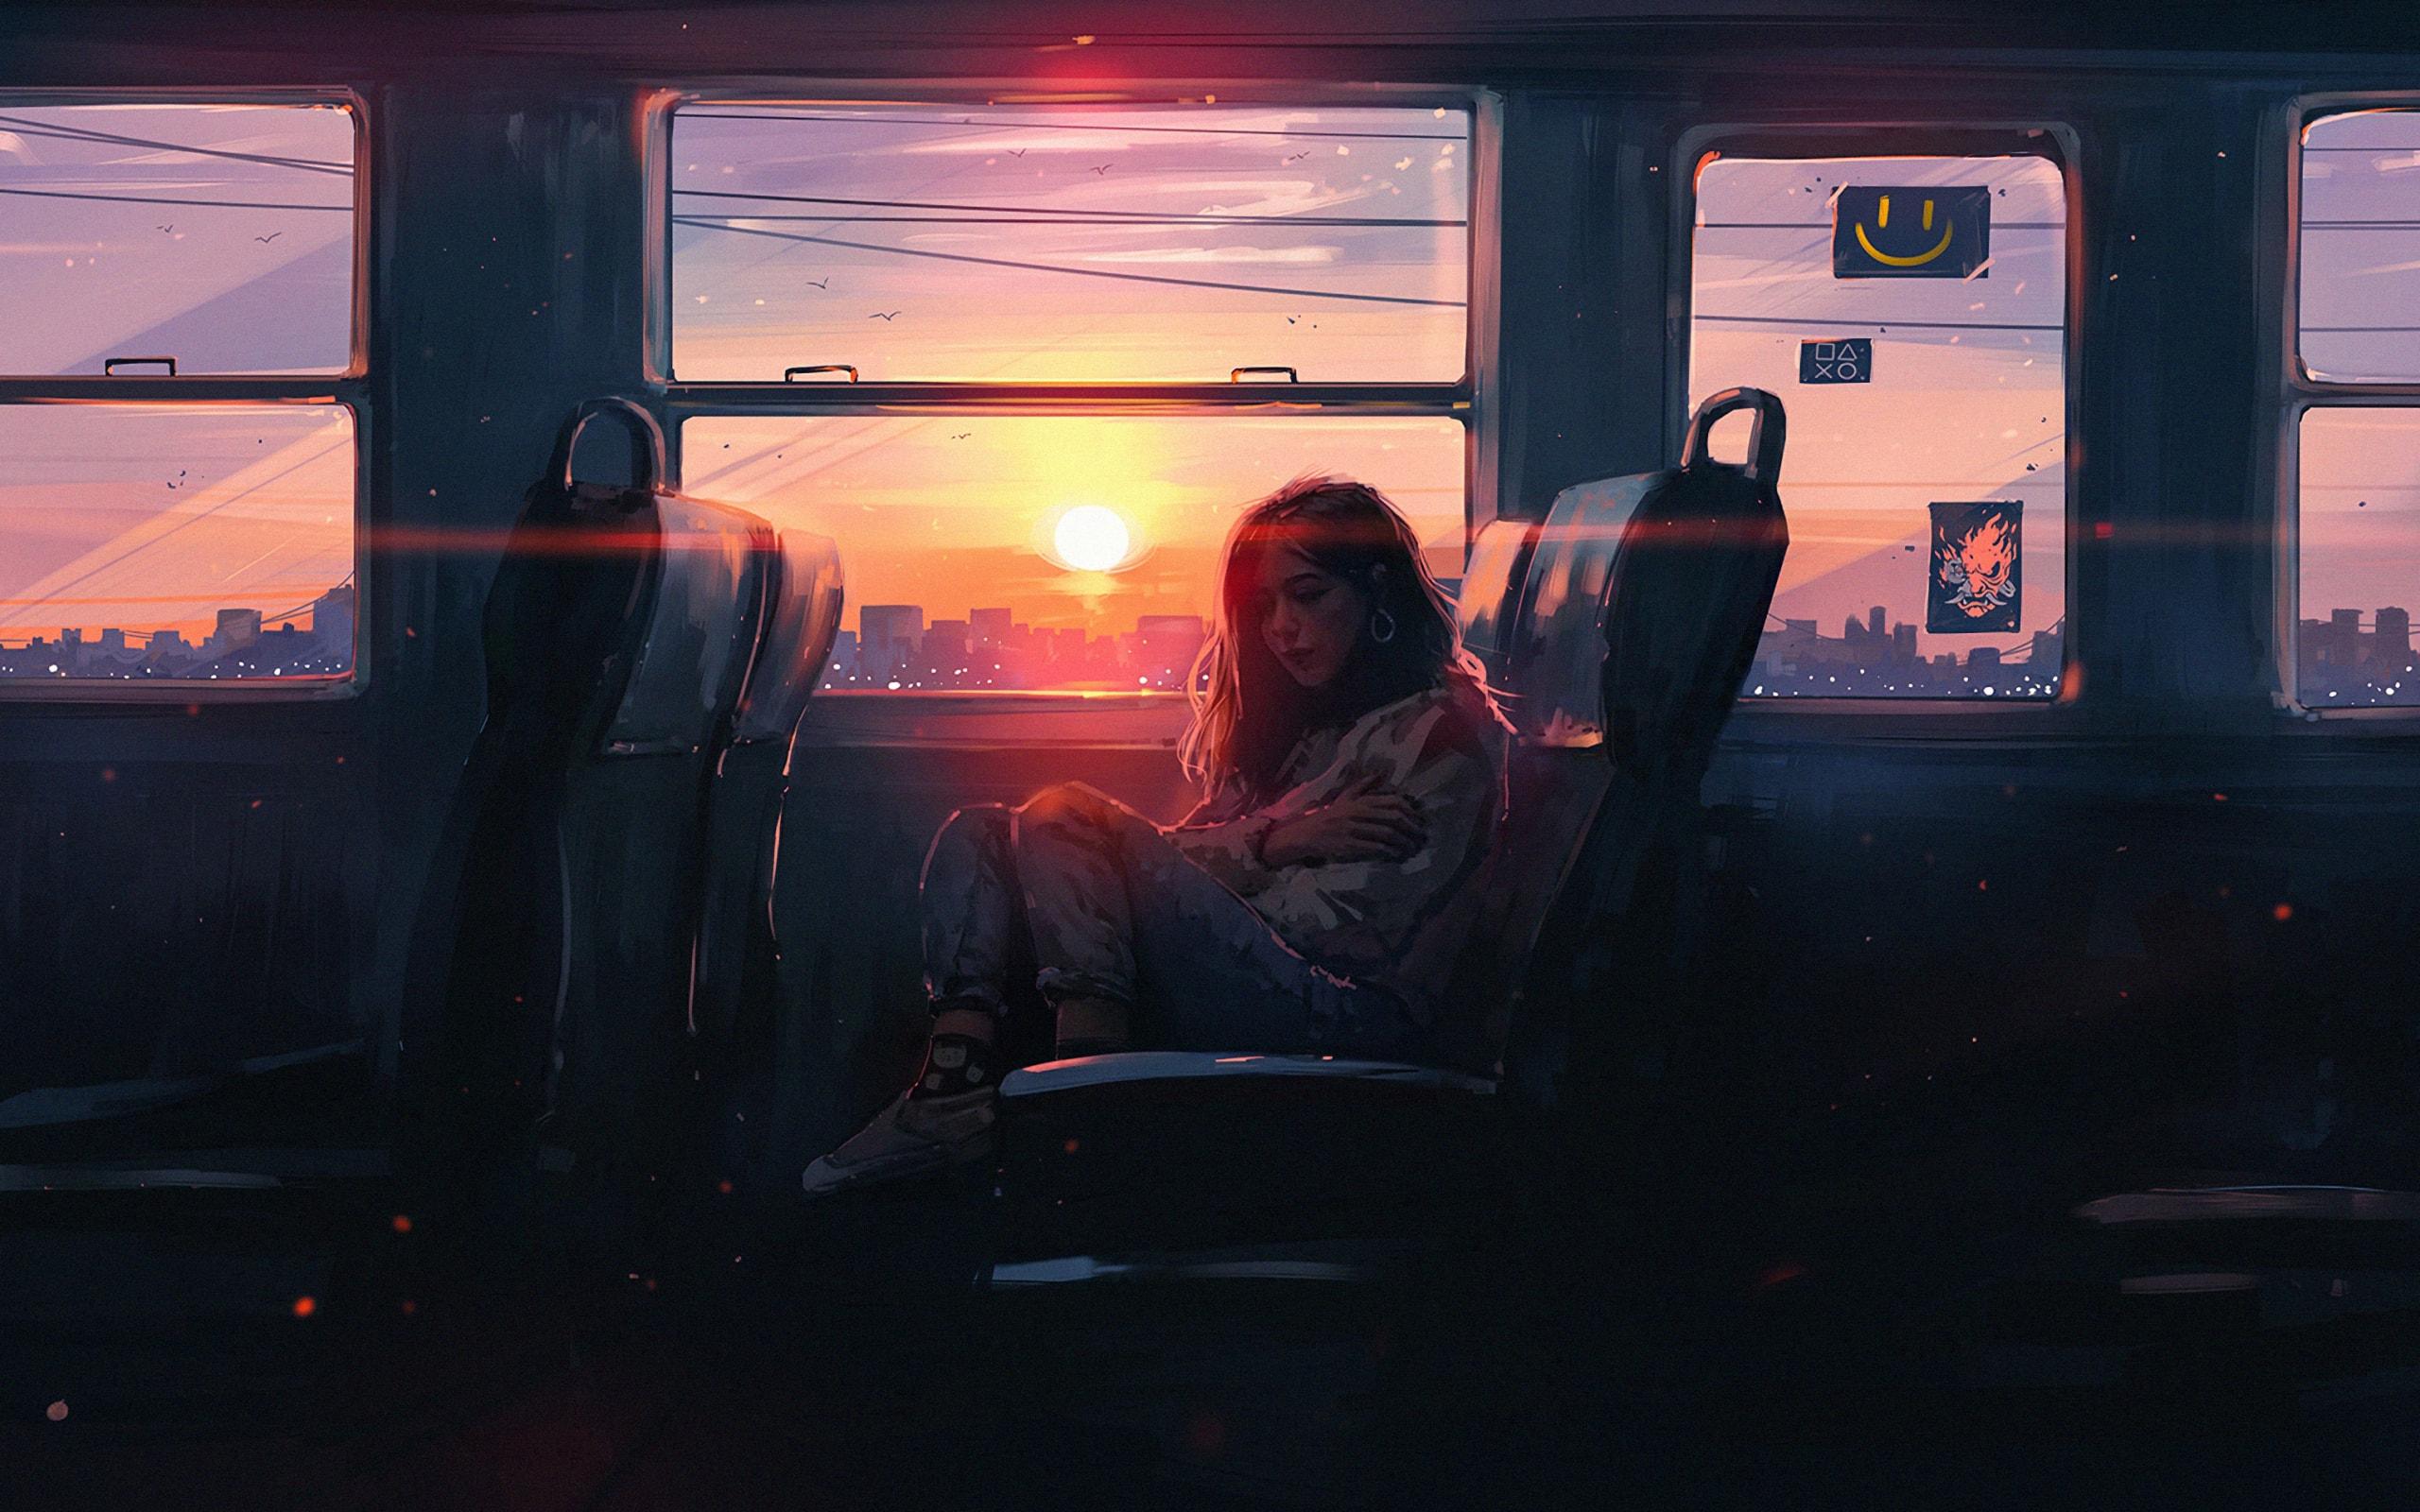 Hình nền đẹp cô gái ngồi một mình trên chuyến tàu buồn bã